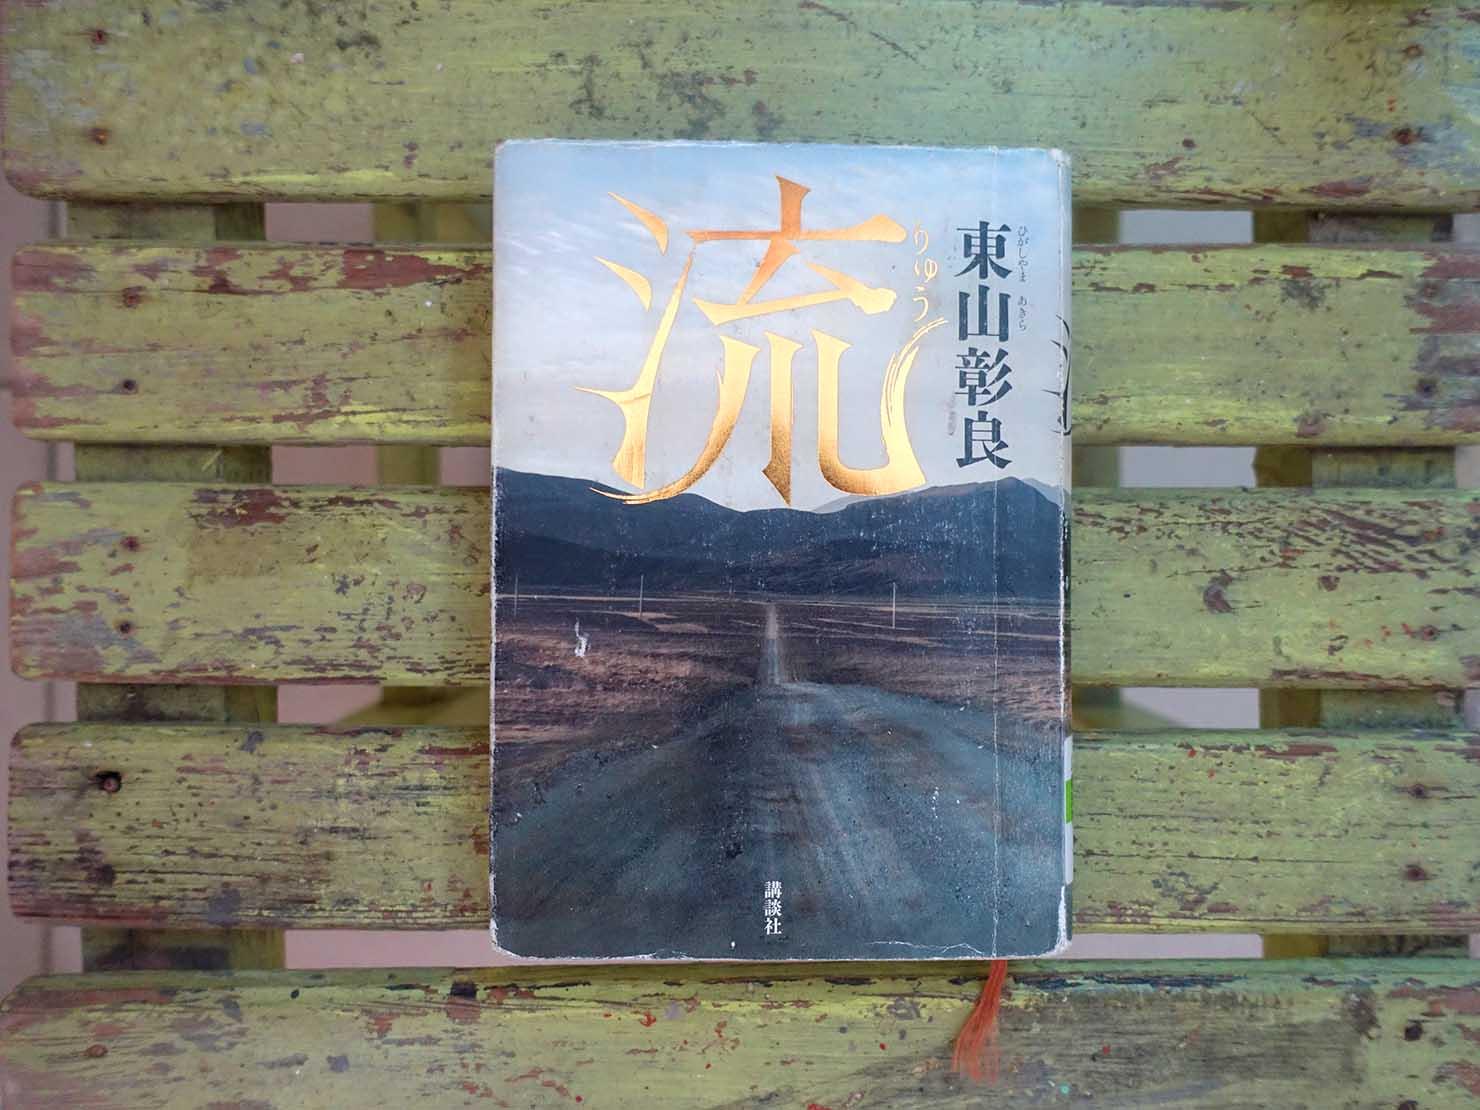 台湾が舞台のおすすめ小説『流(りゅう)』